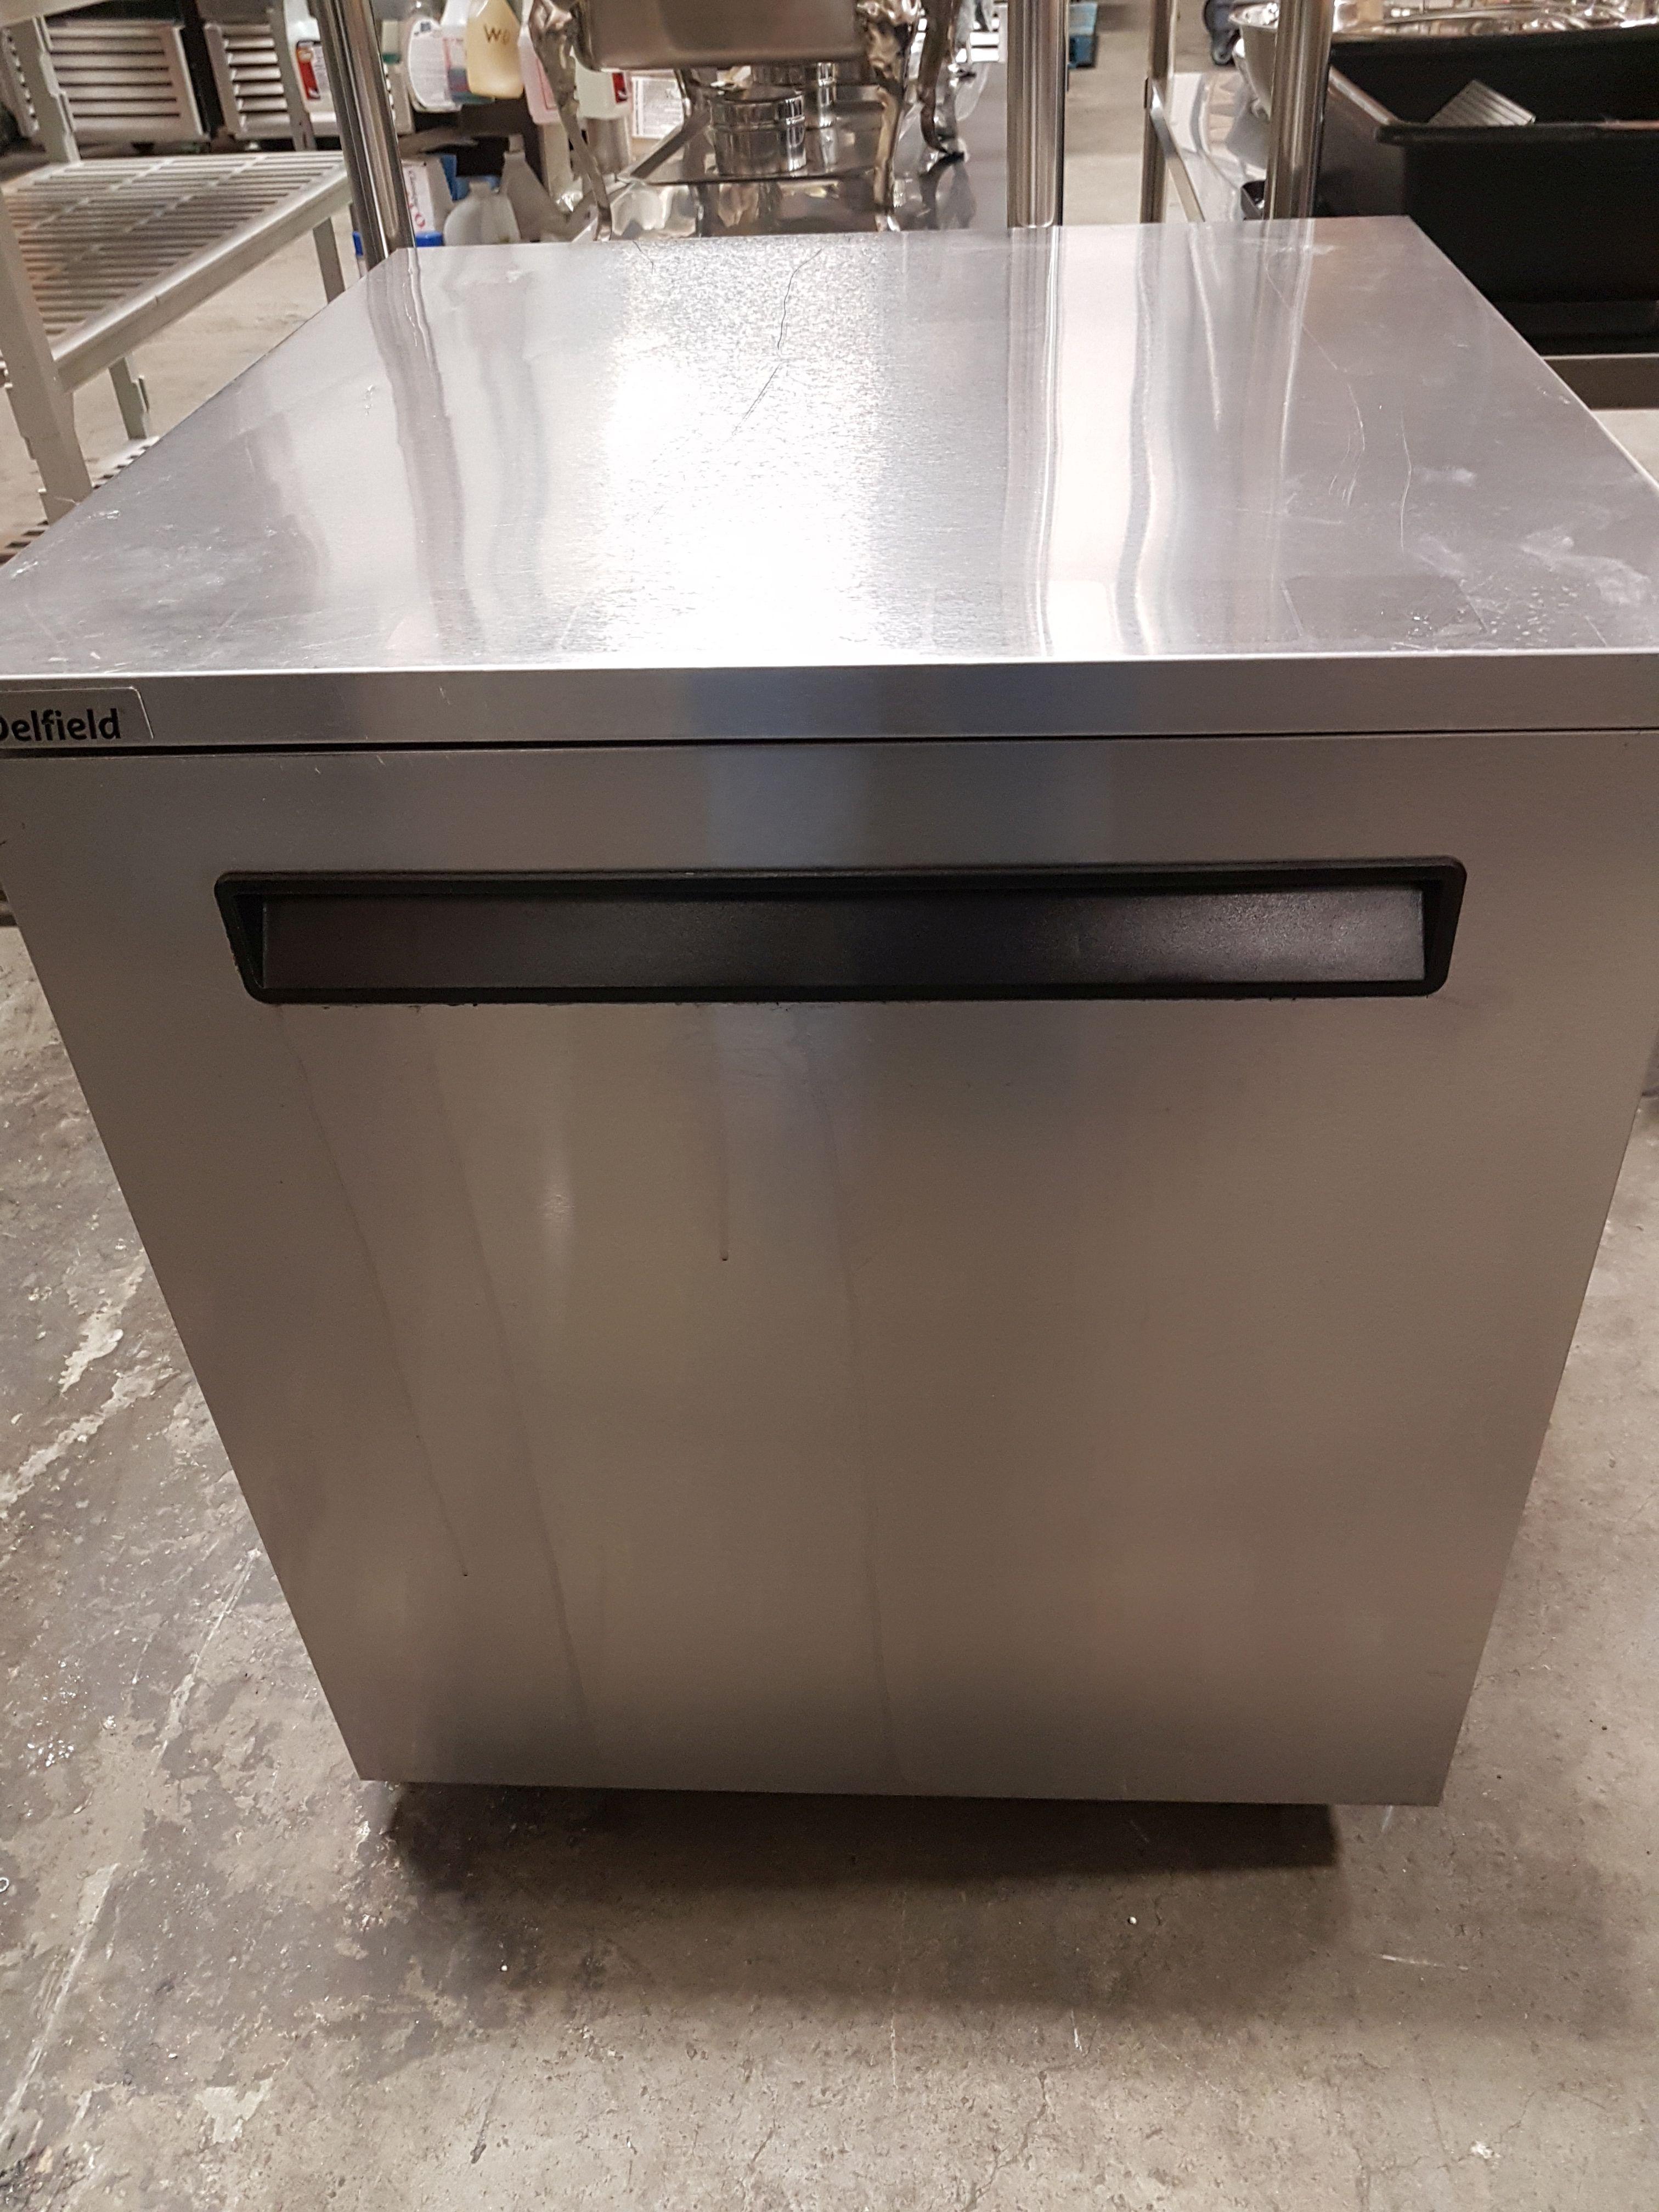 Lot 9A - Delfield Single Door Under Counter Cooler